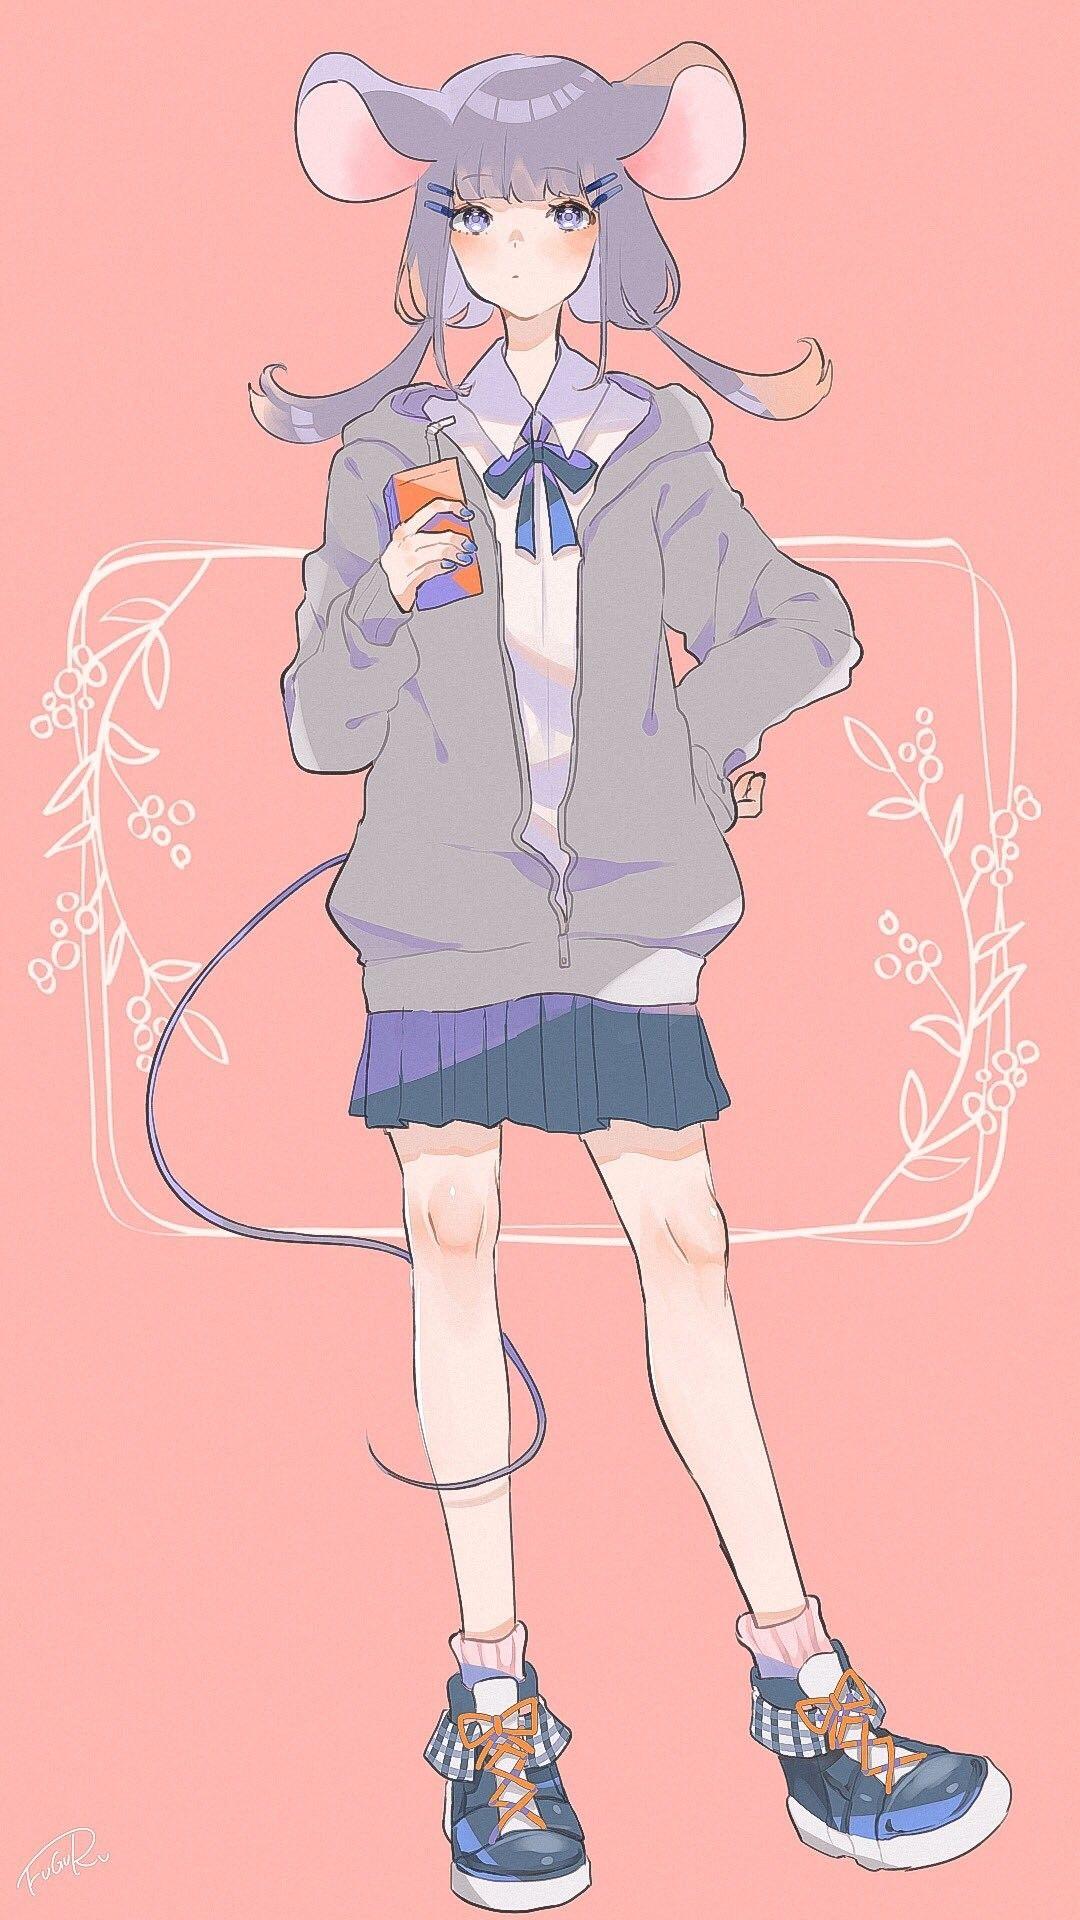 Ý tưởng của 春 Haru trên anime girls Ems